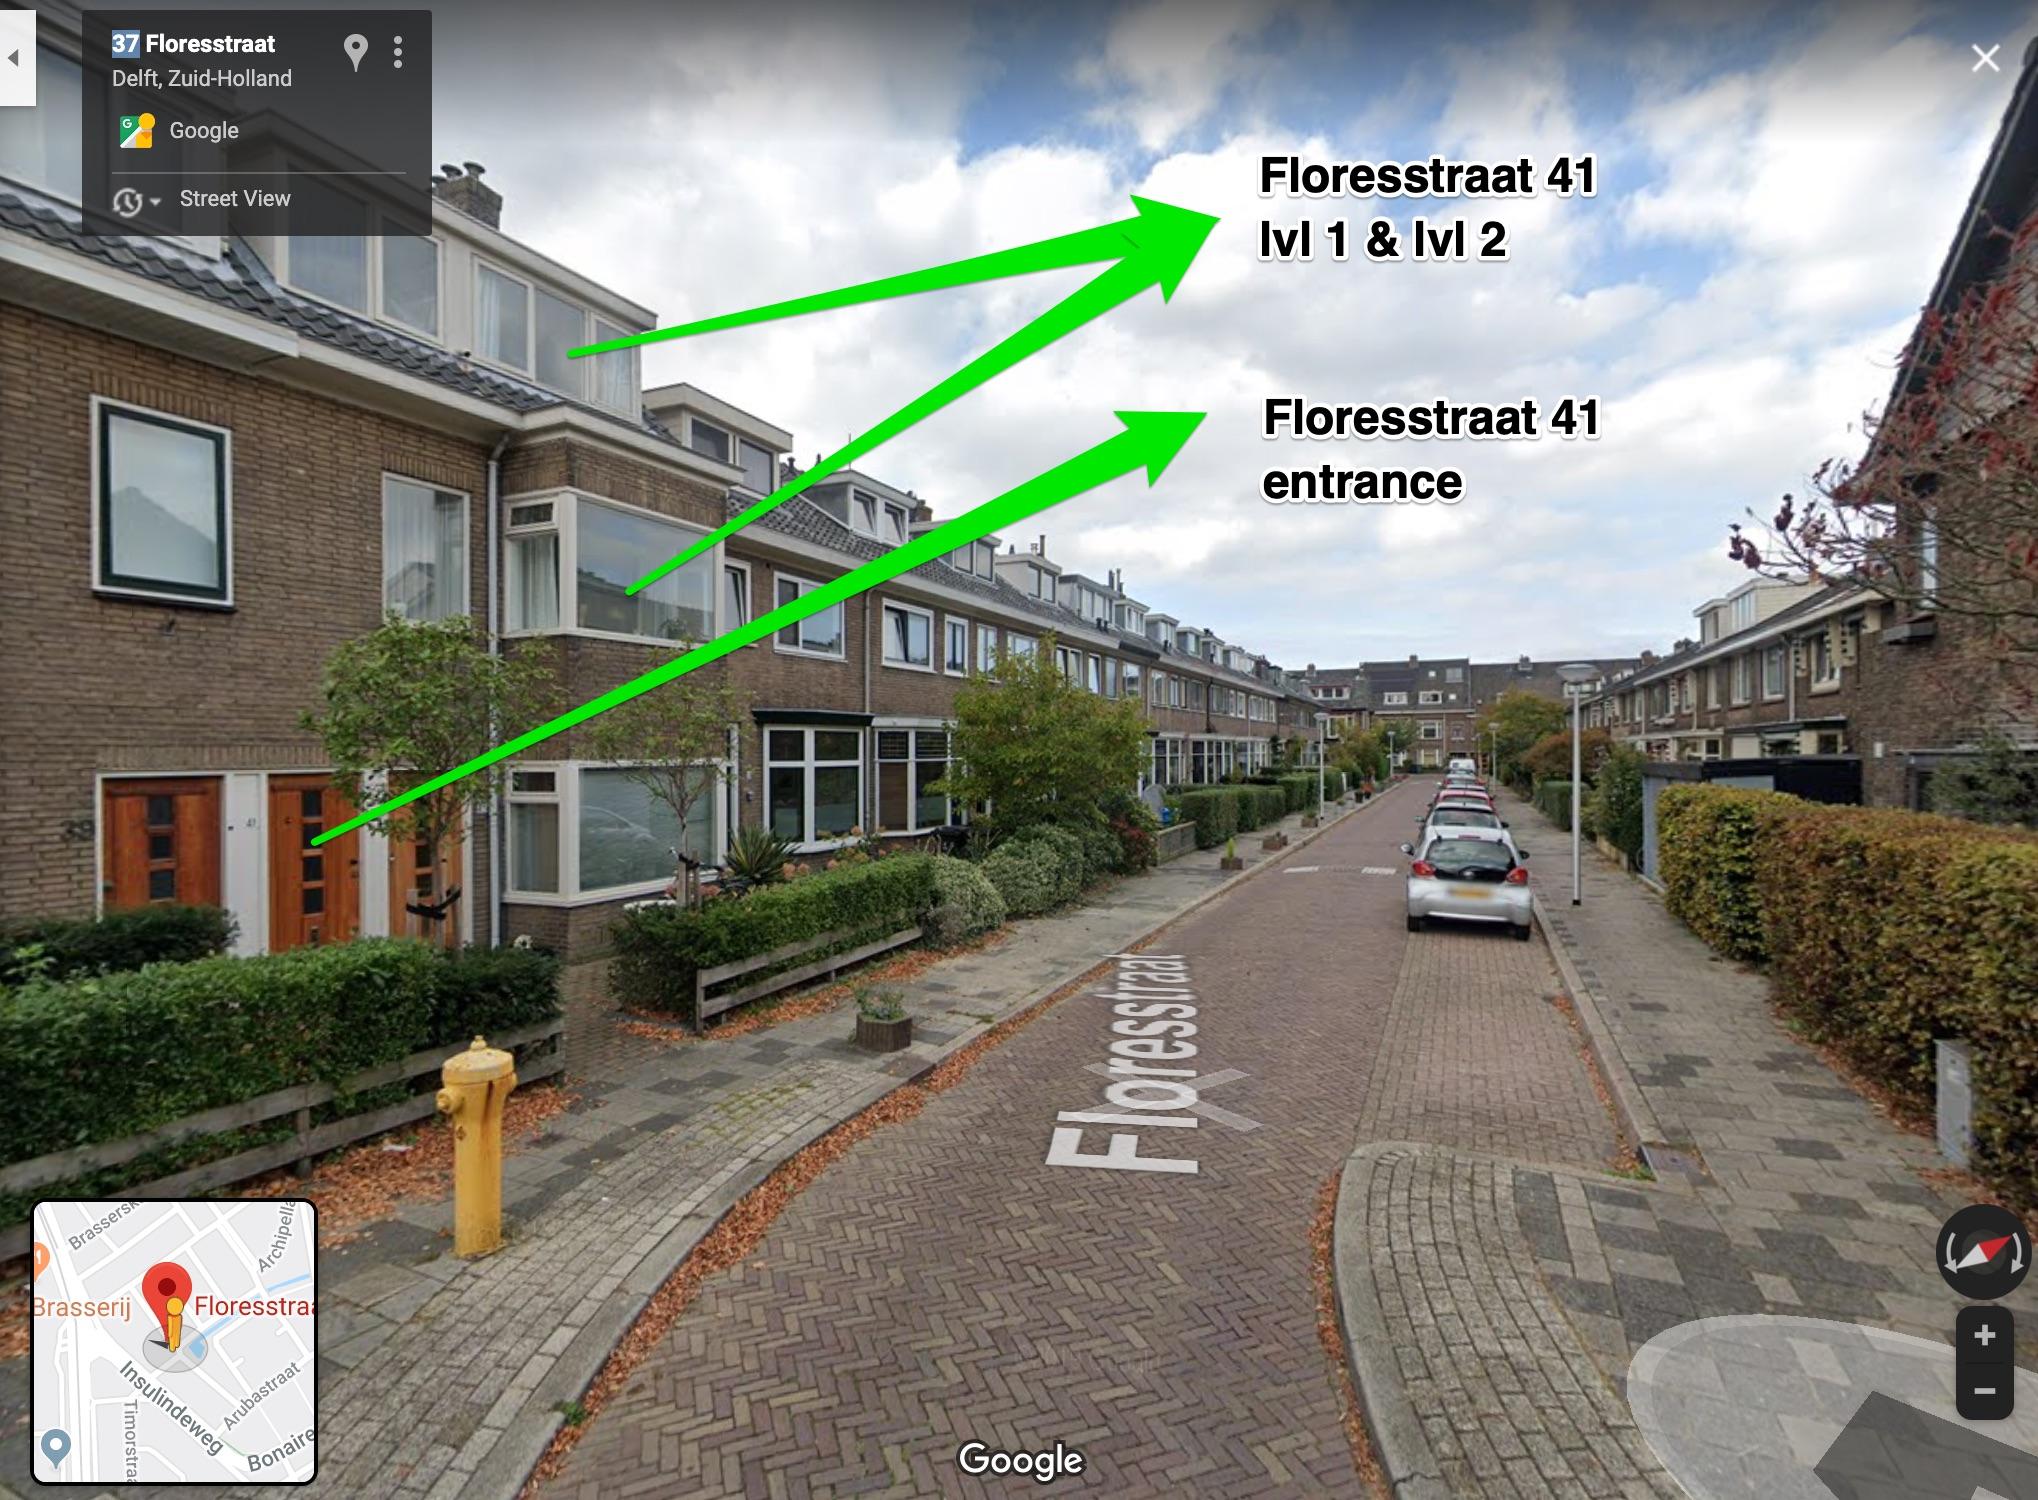 Floresstraat 41, Delft